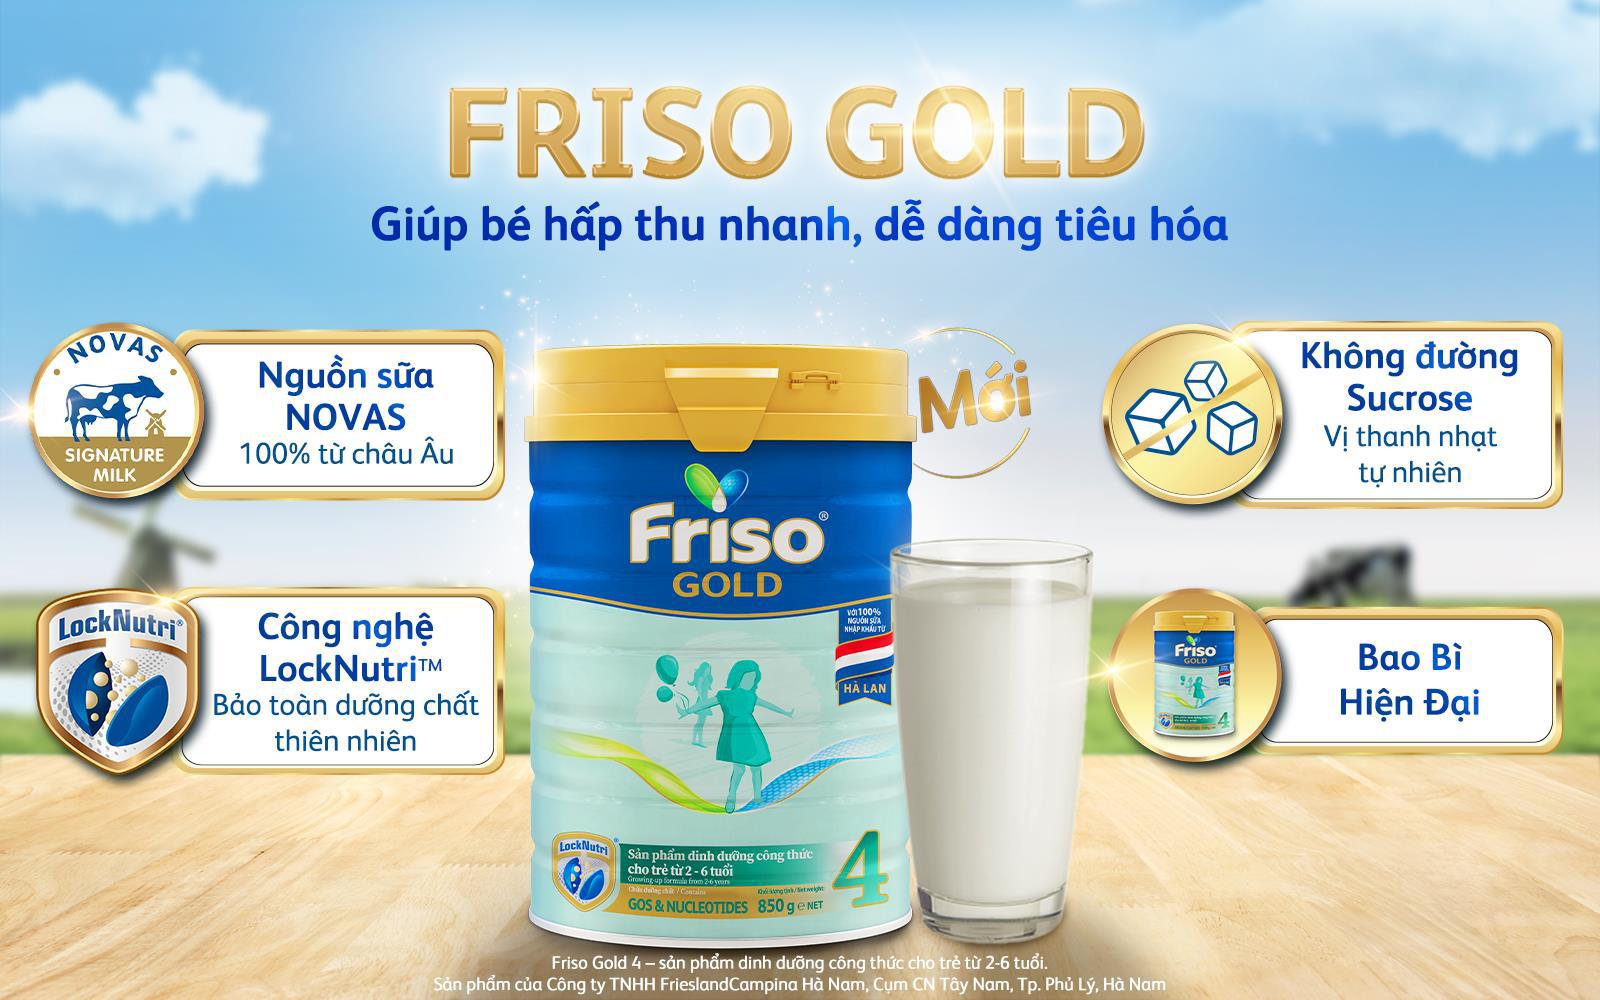 Friso Gold mới với nguồn sữa NOVAS 100% từ Châu Âu giúp bé dễ tiêu hóa - Ảnh 1.